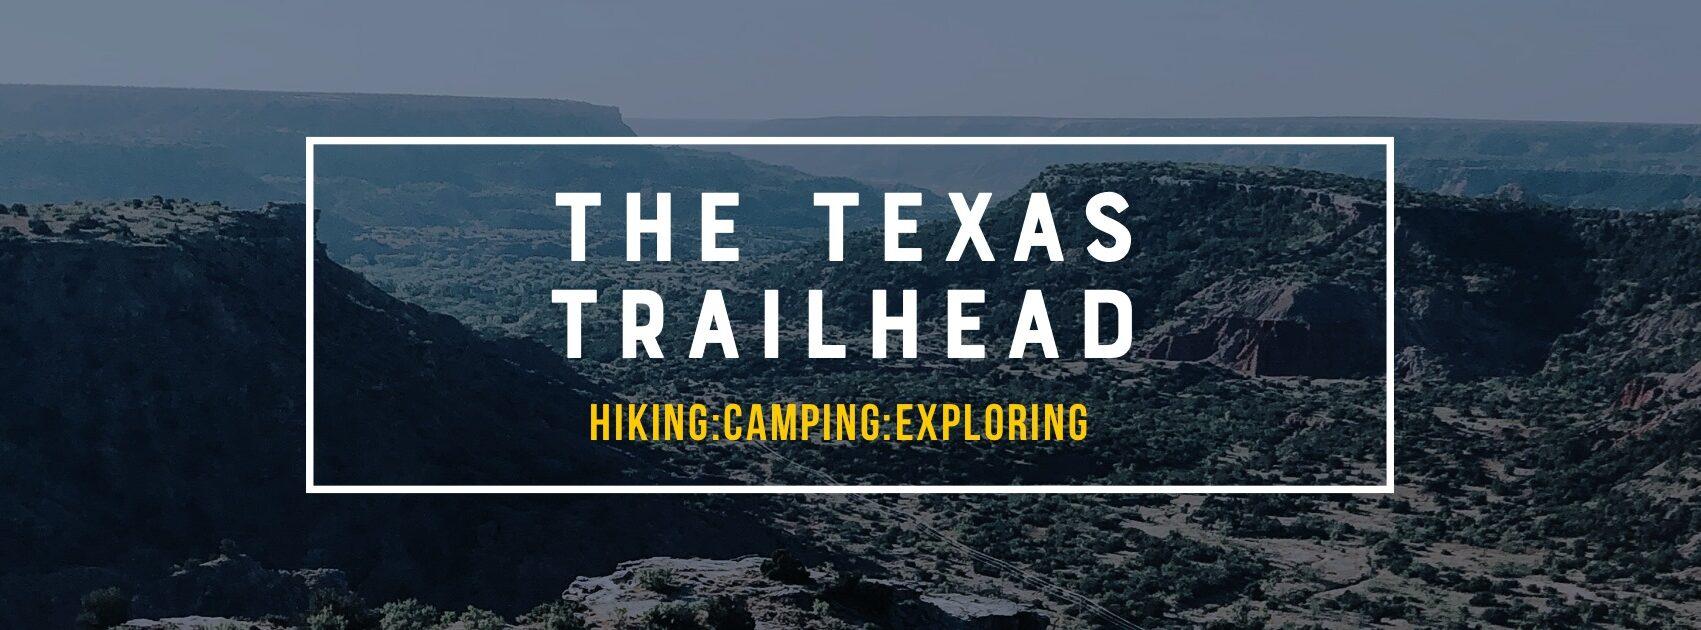 The Texas Trailhead